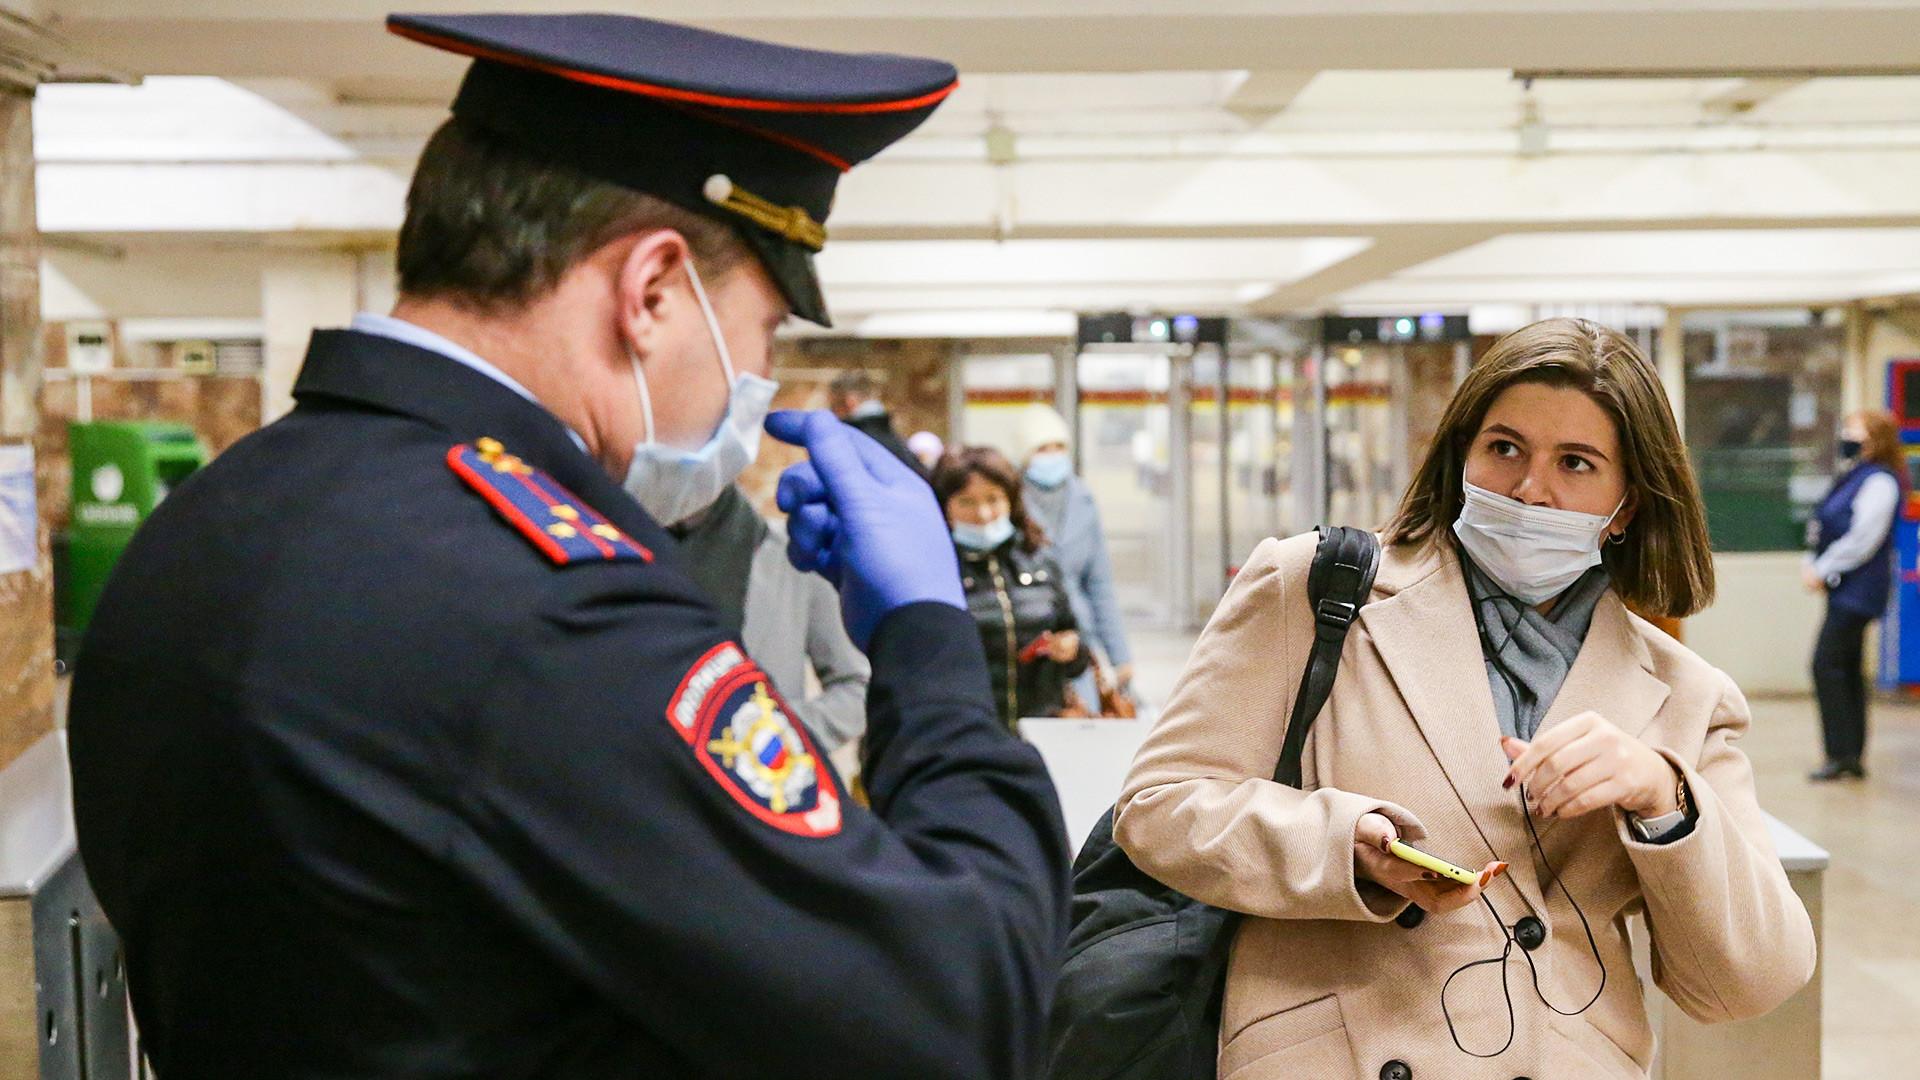 Contrôle du port du masque dans le métro moscovite